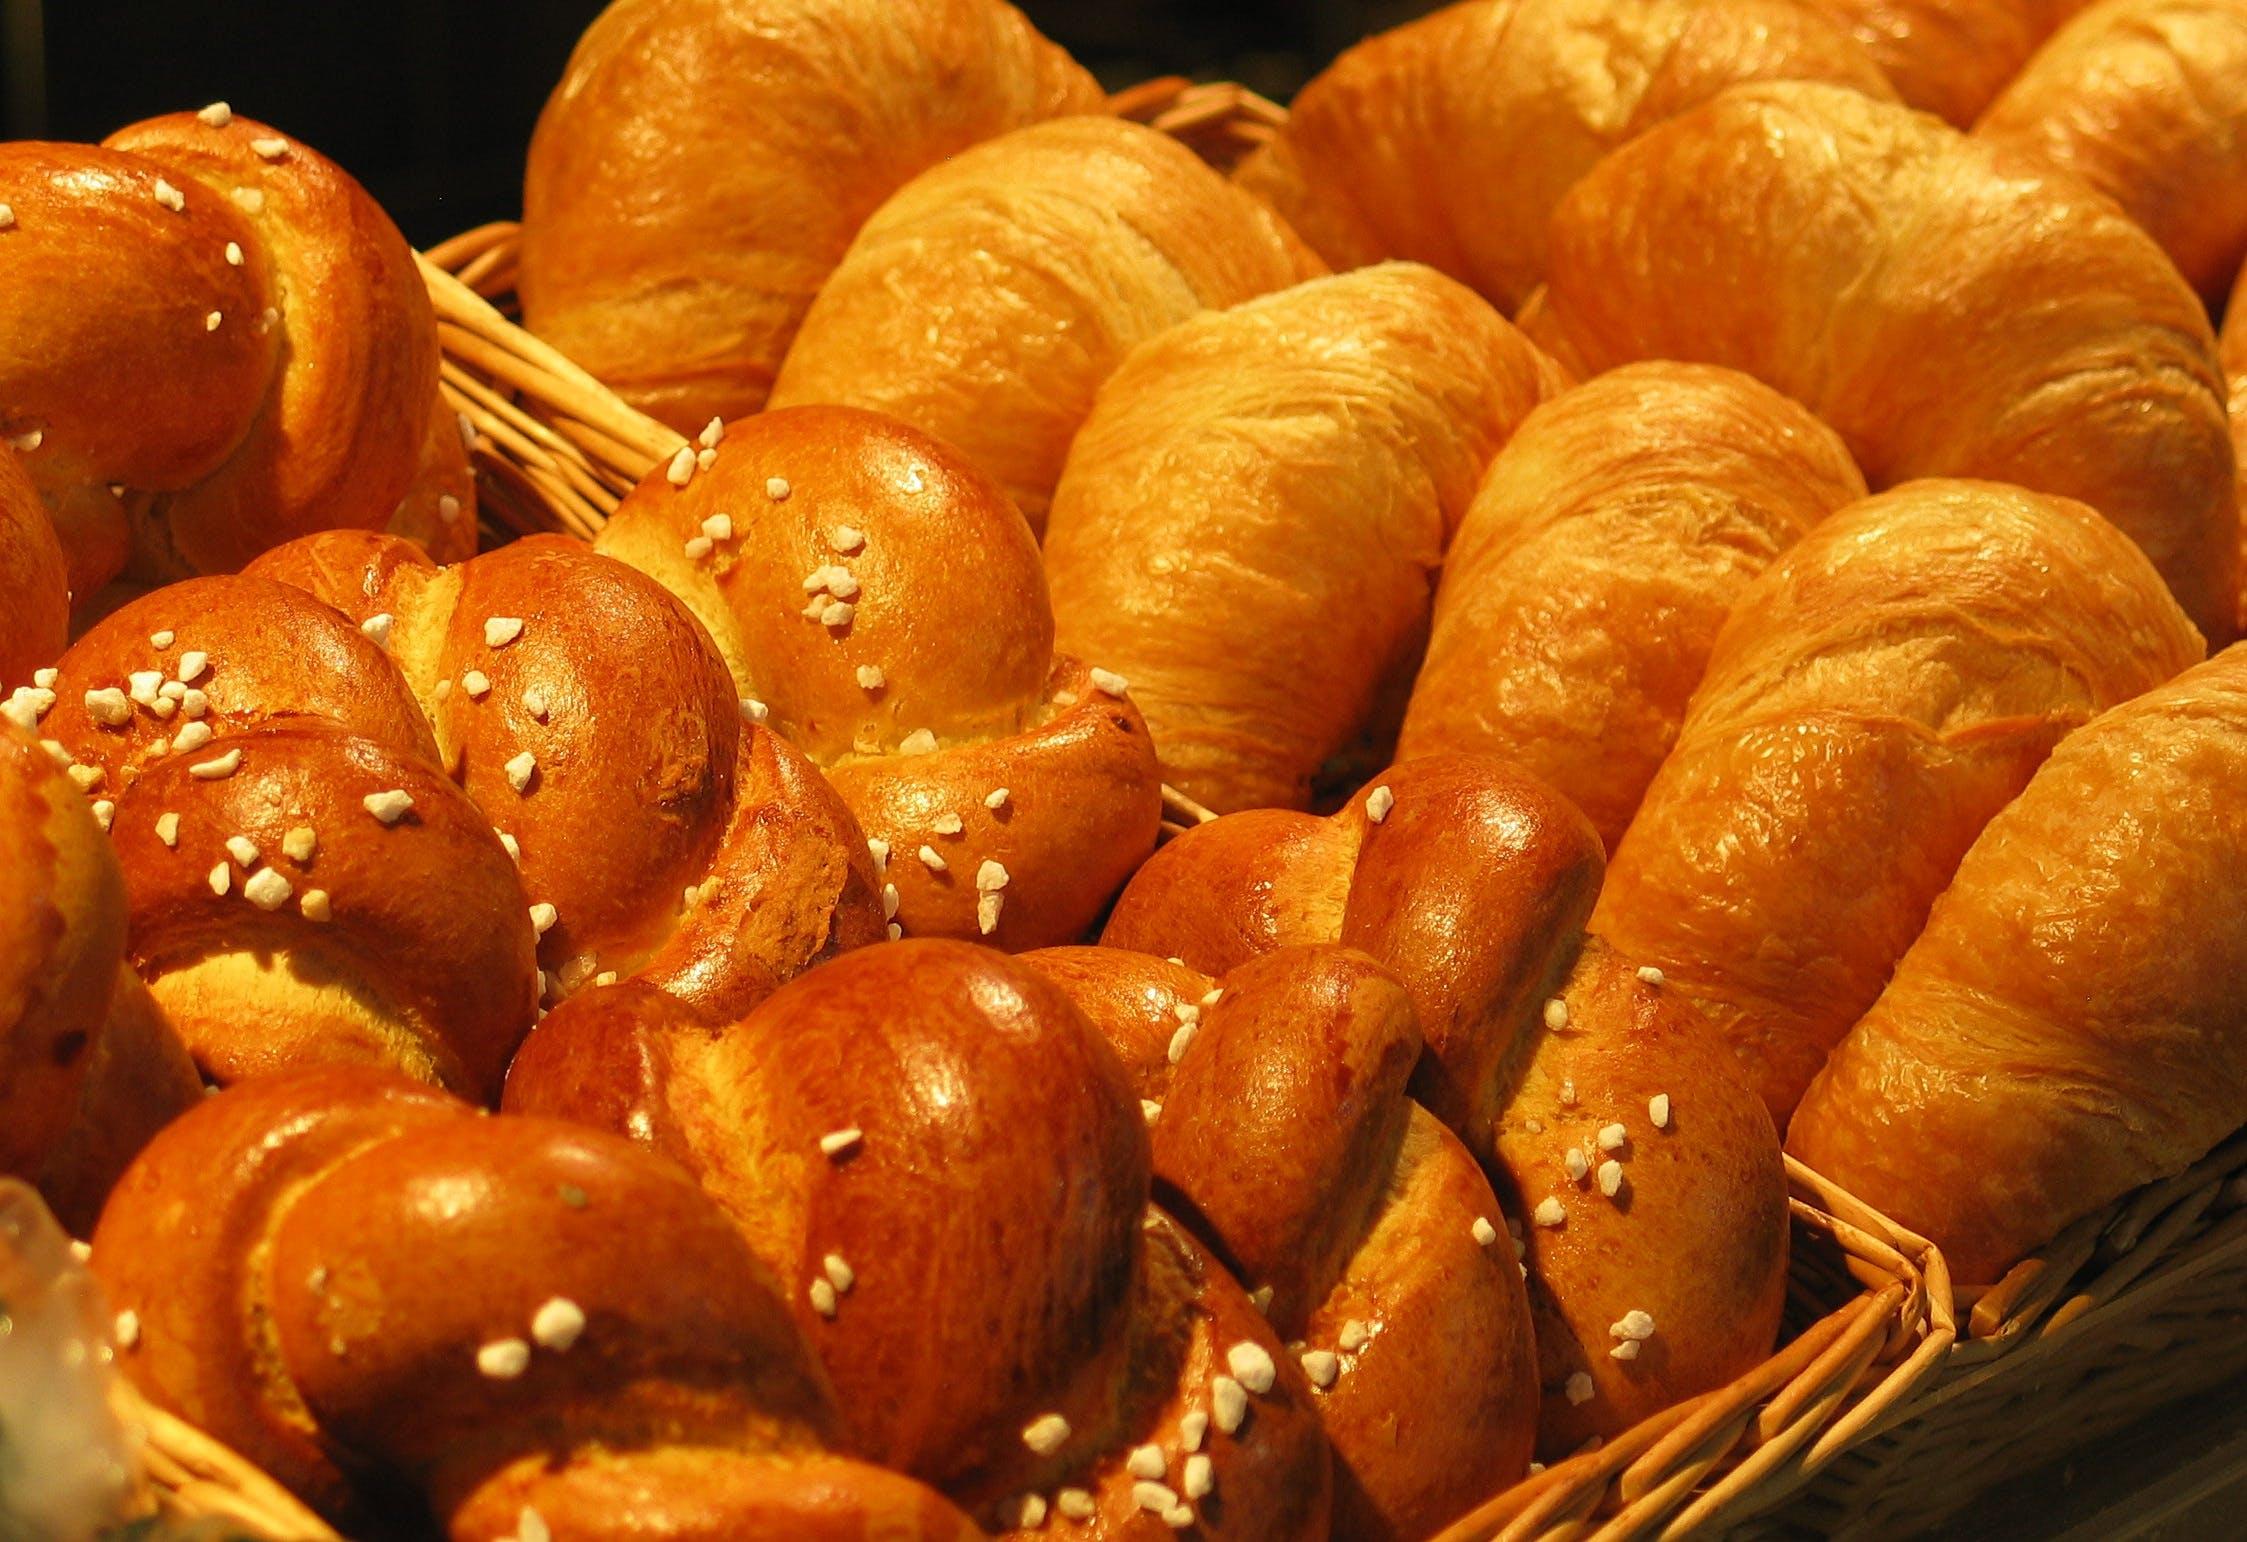 Baked Breads in Brown Wicker Basket